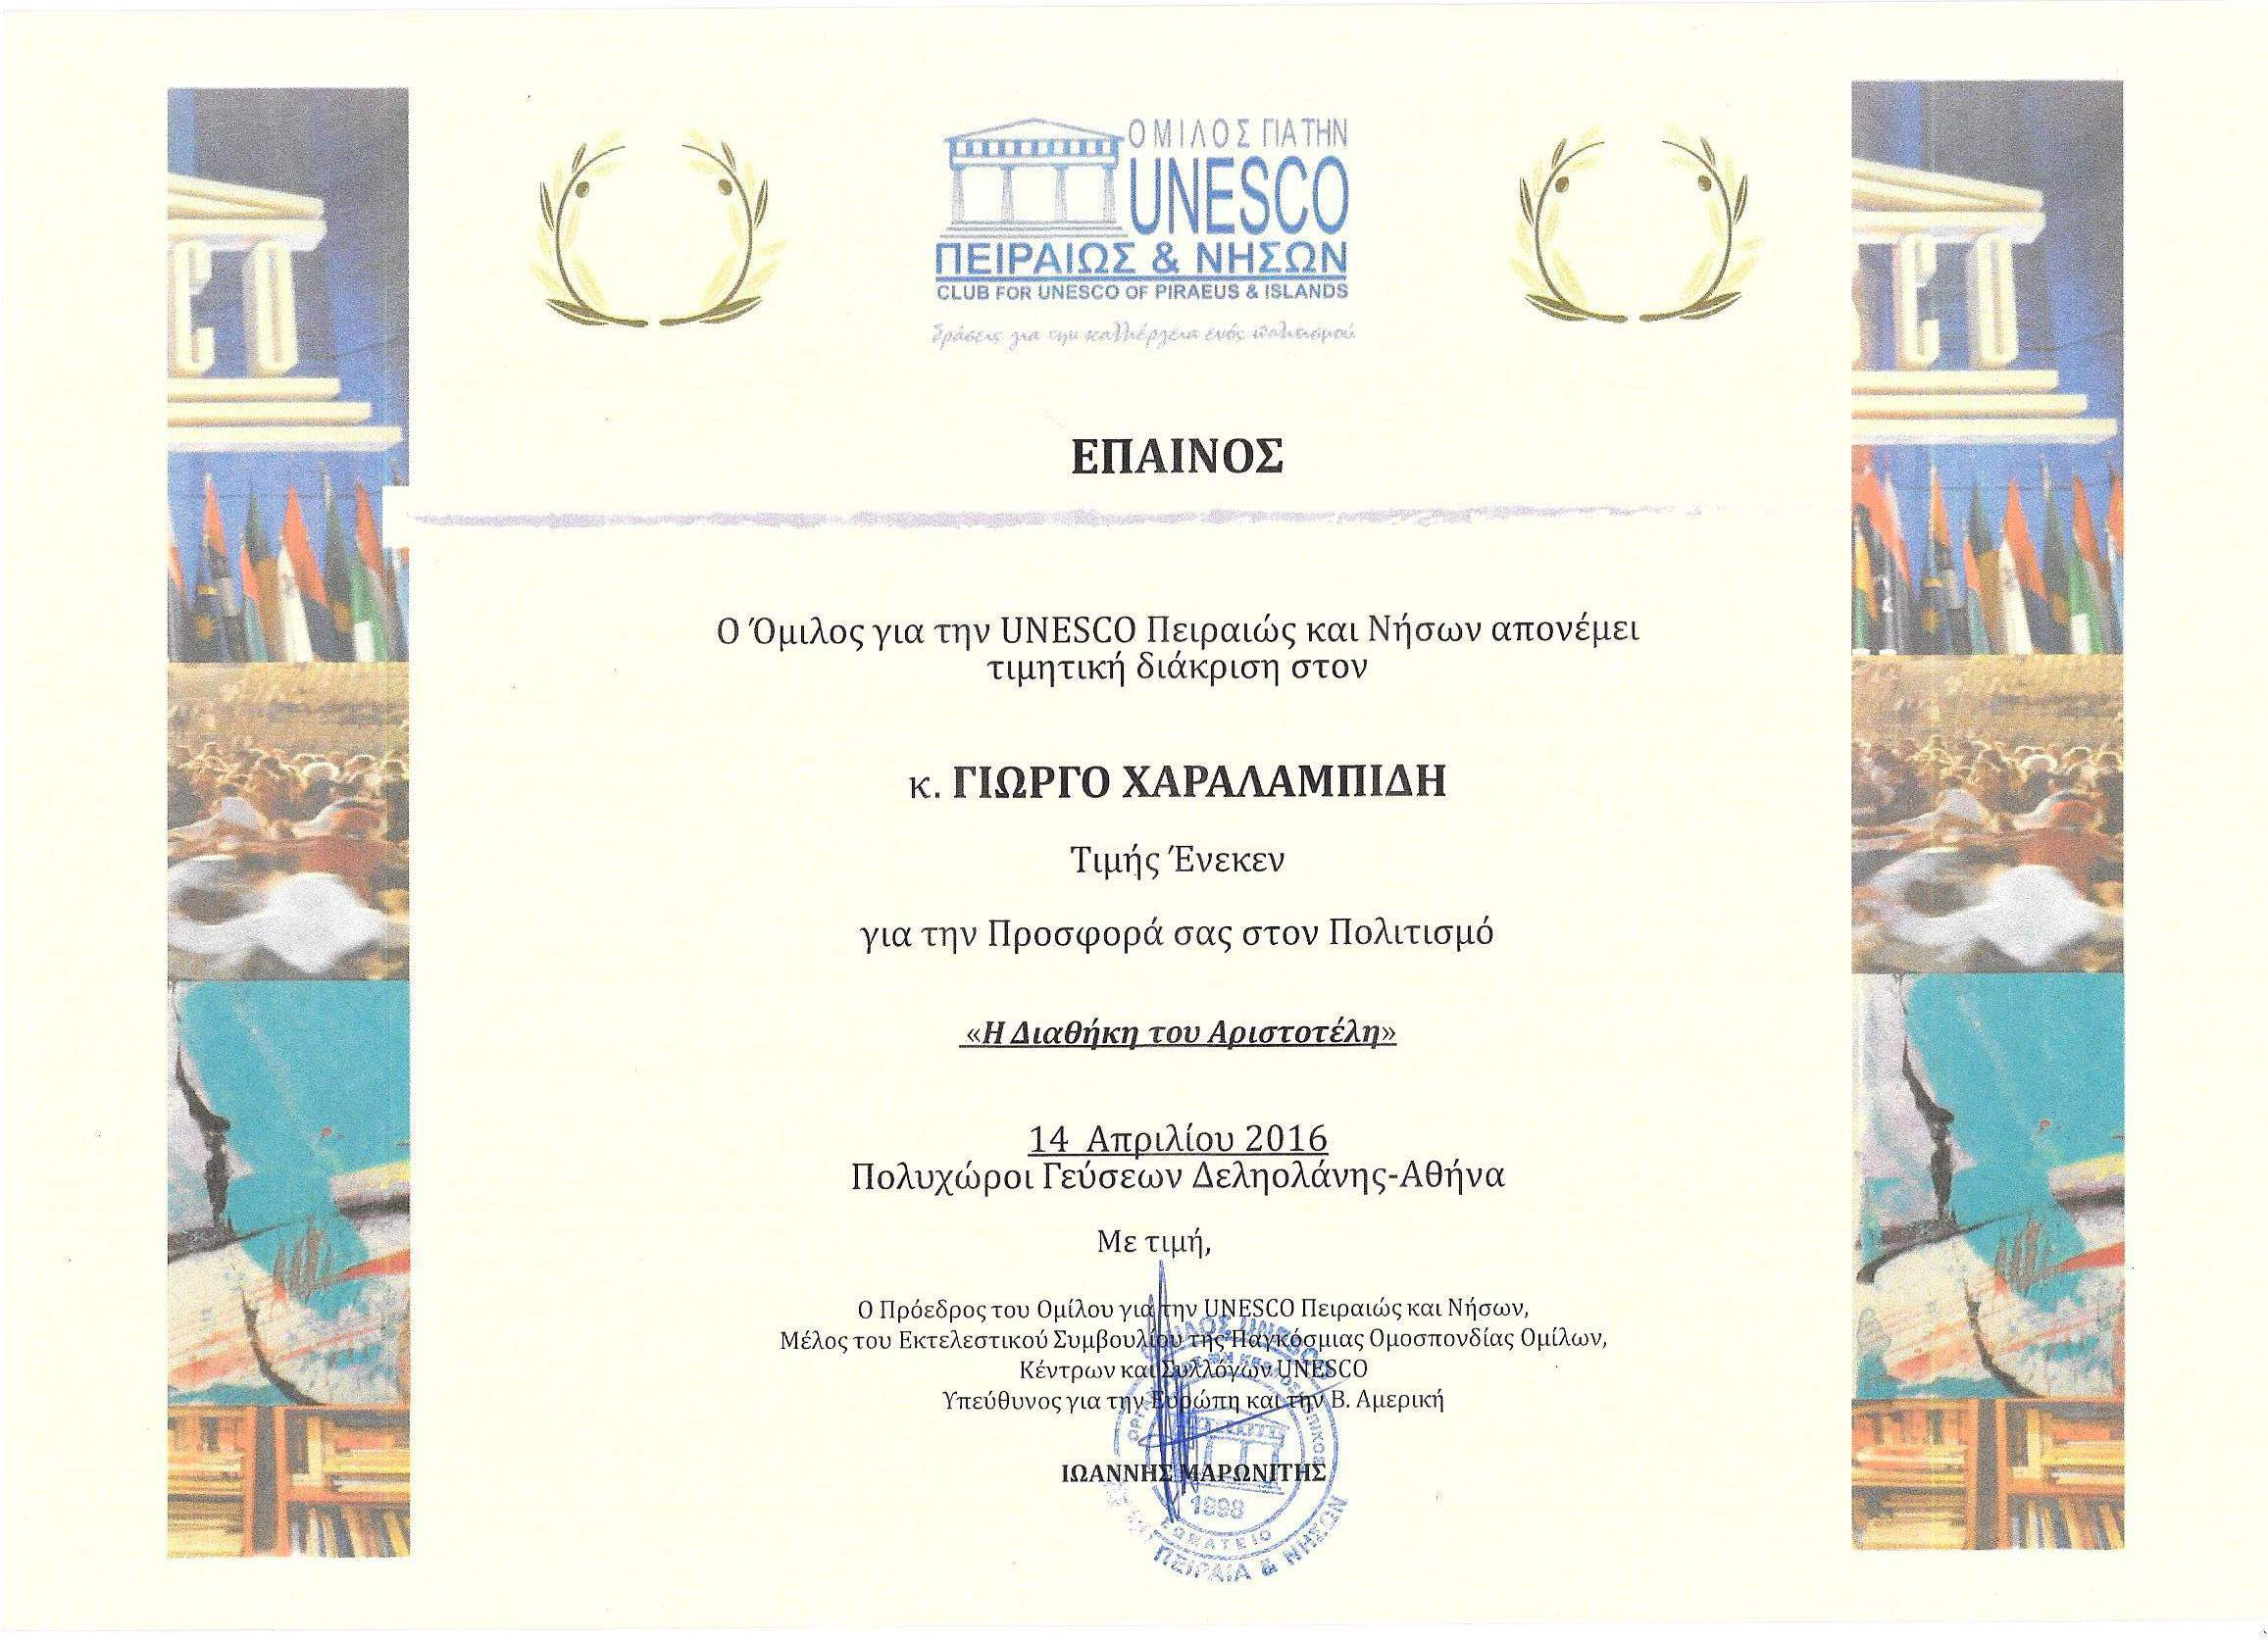 Unesco - George Charalampidis